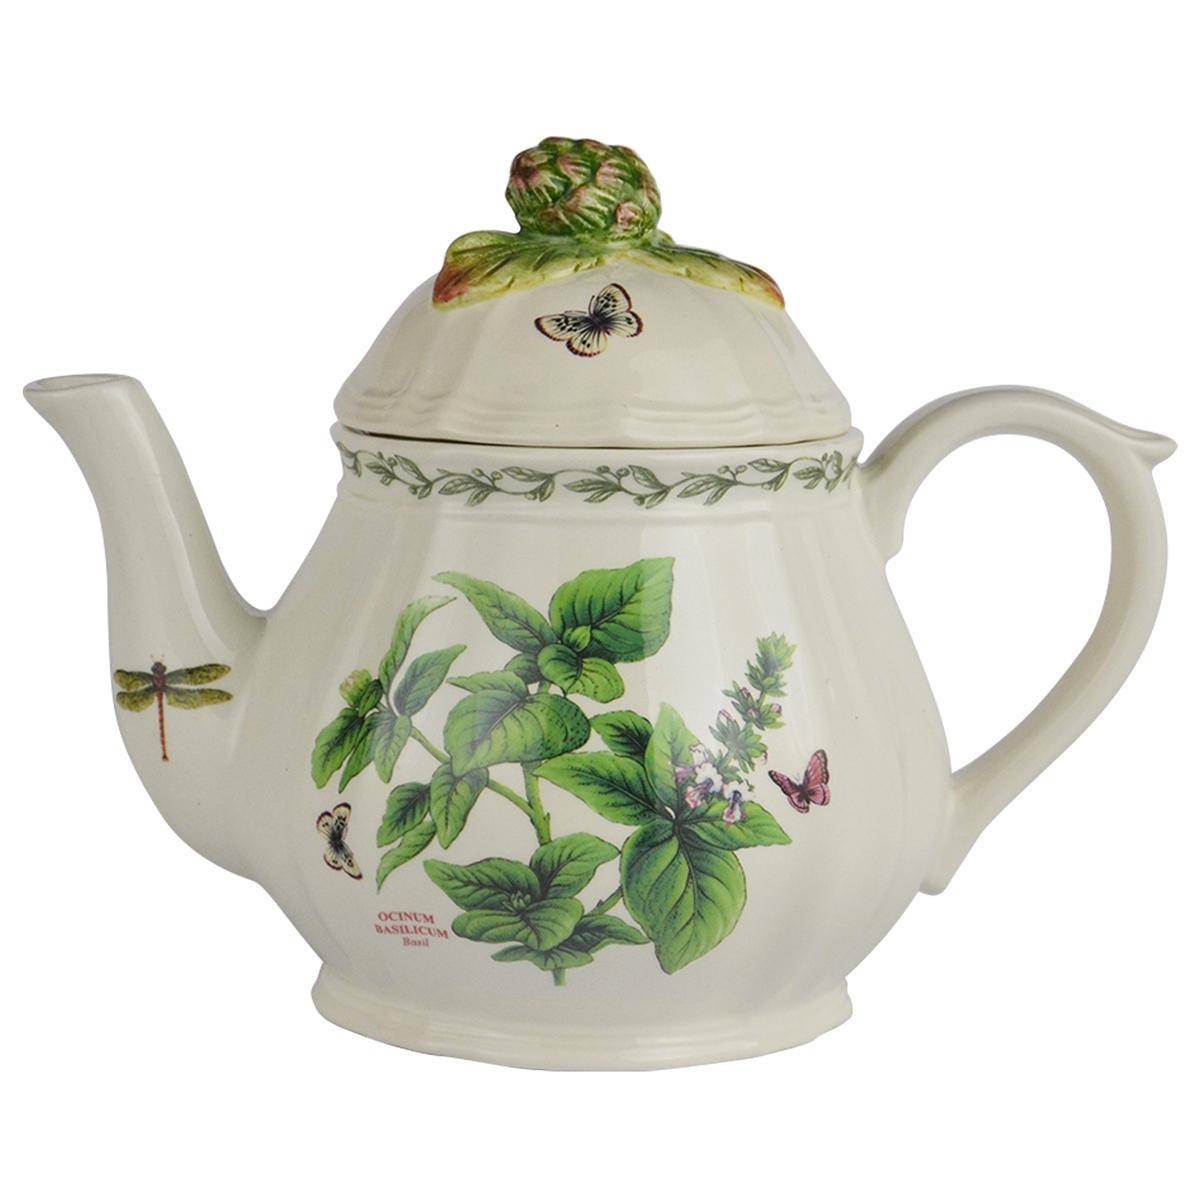 Herb Teapot kaldun and bogle